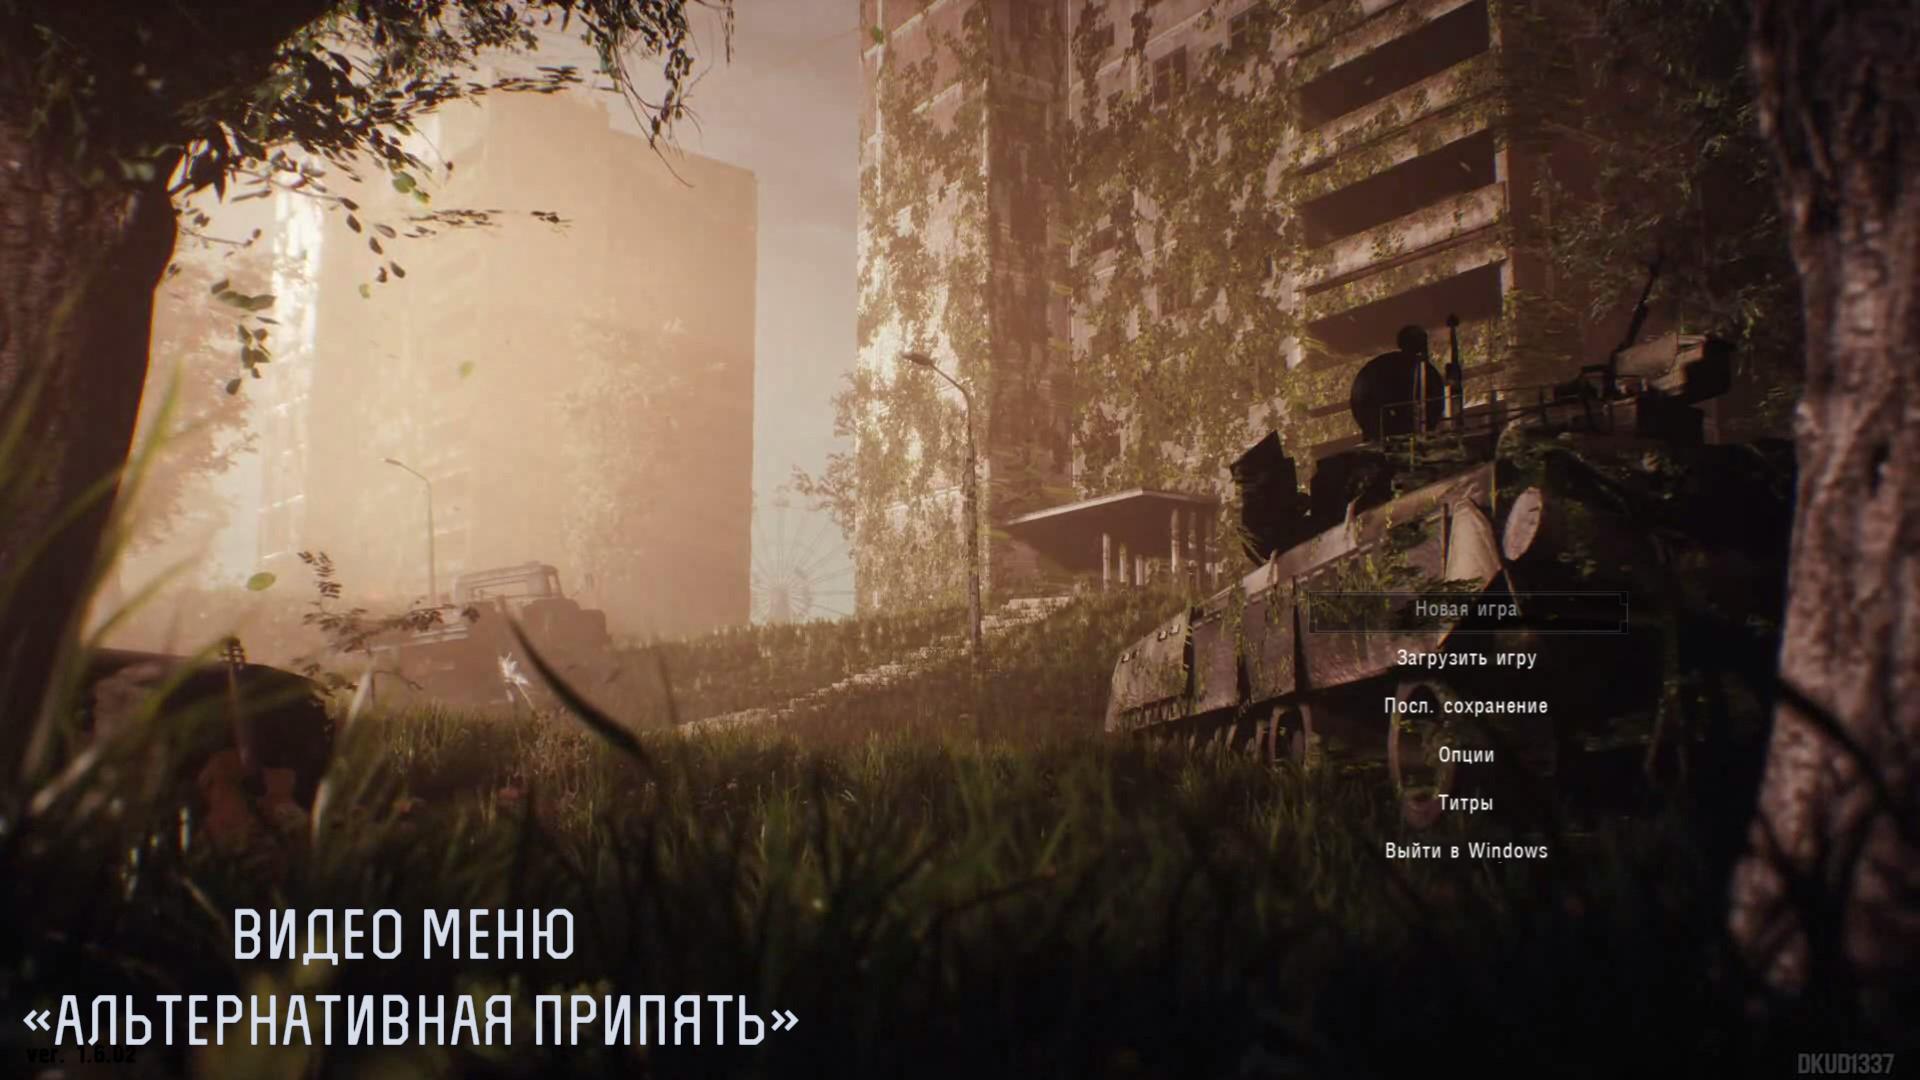 CoP - Видео меню «Альтернативная Припять»